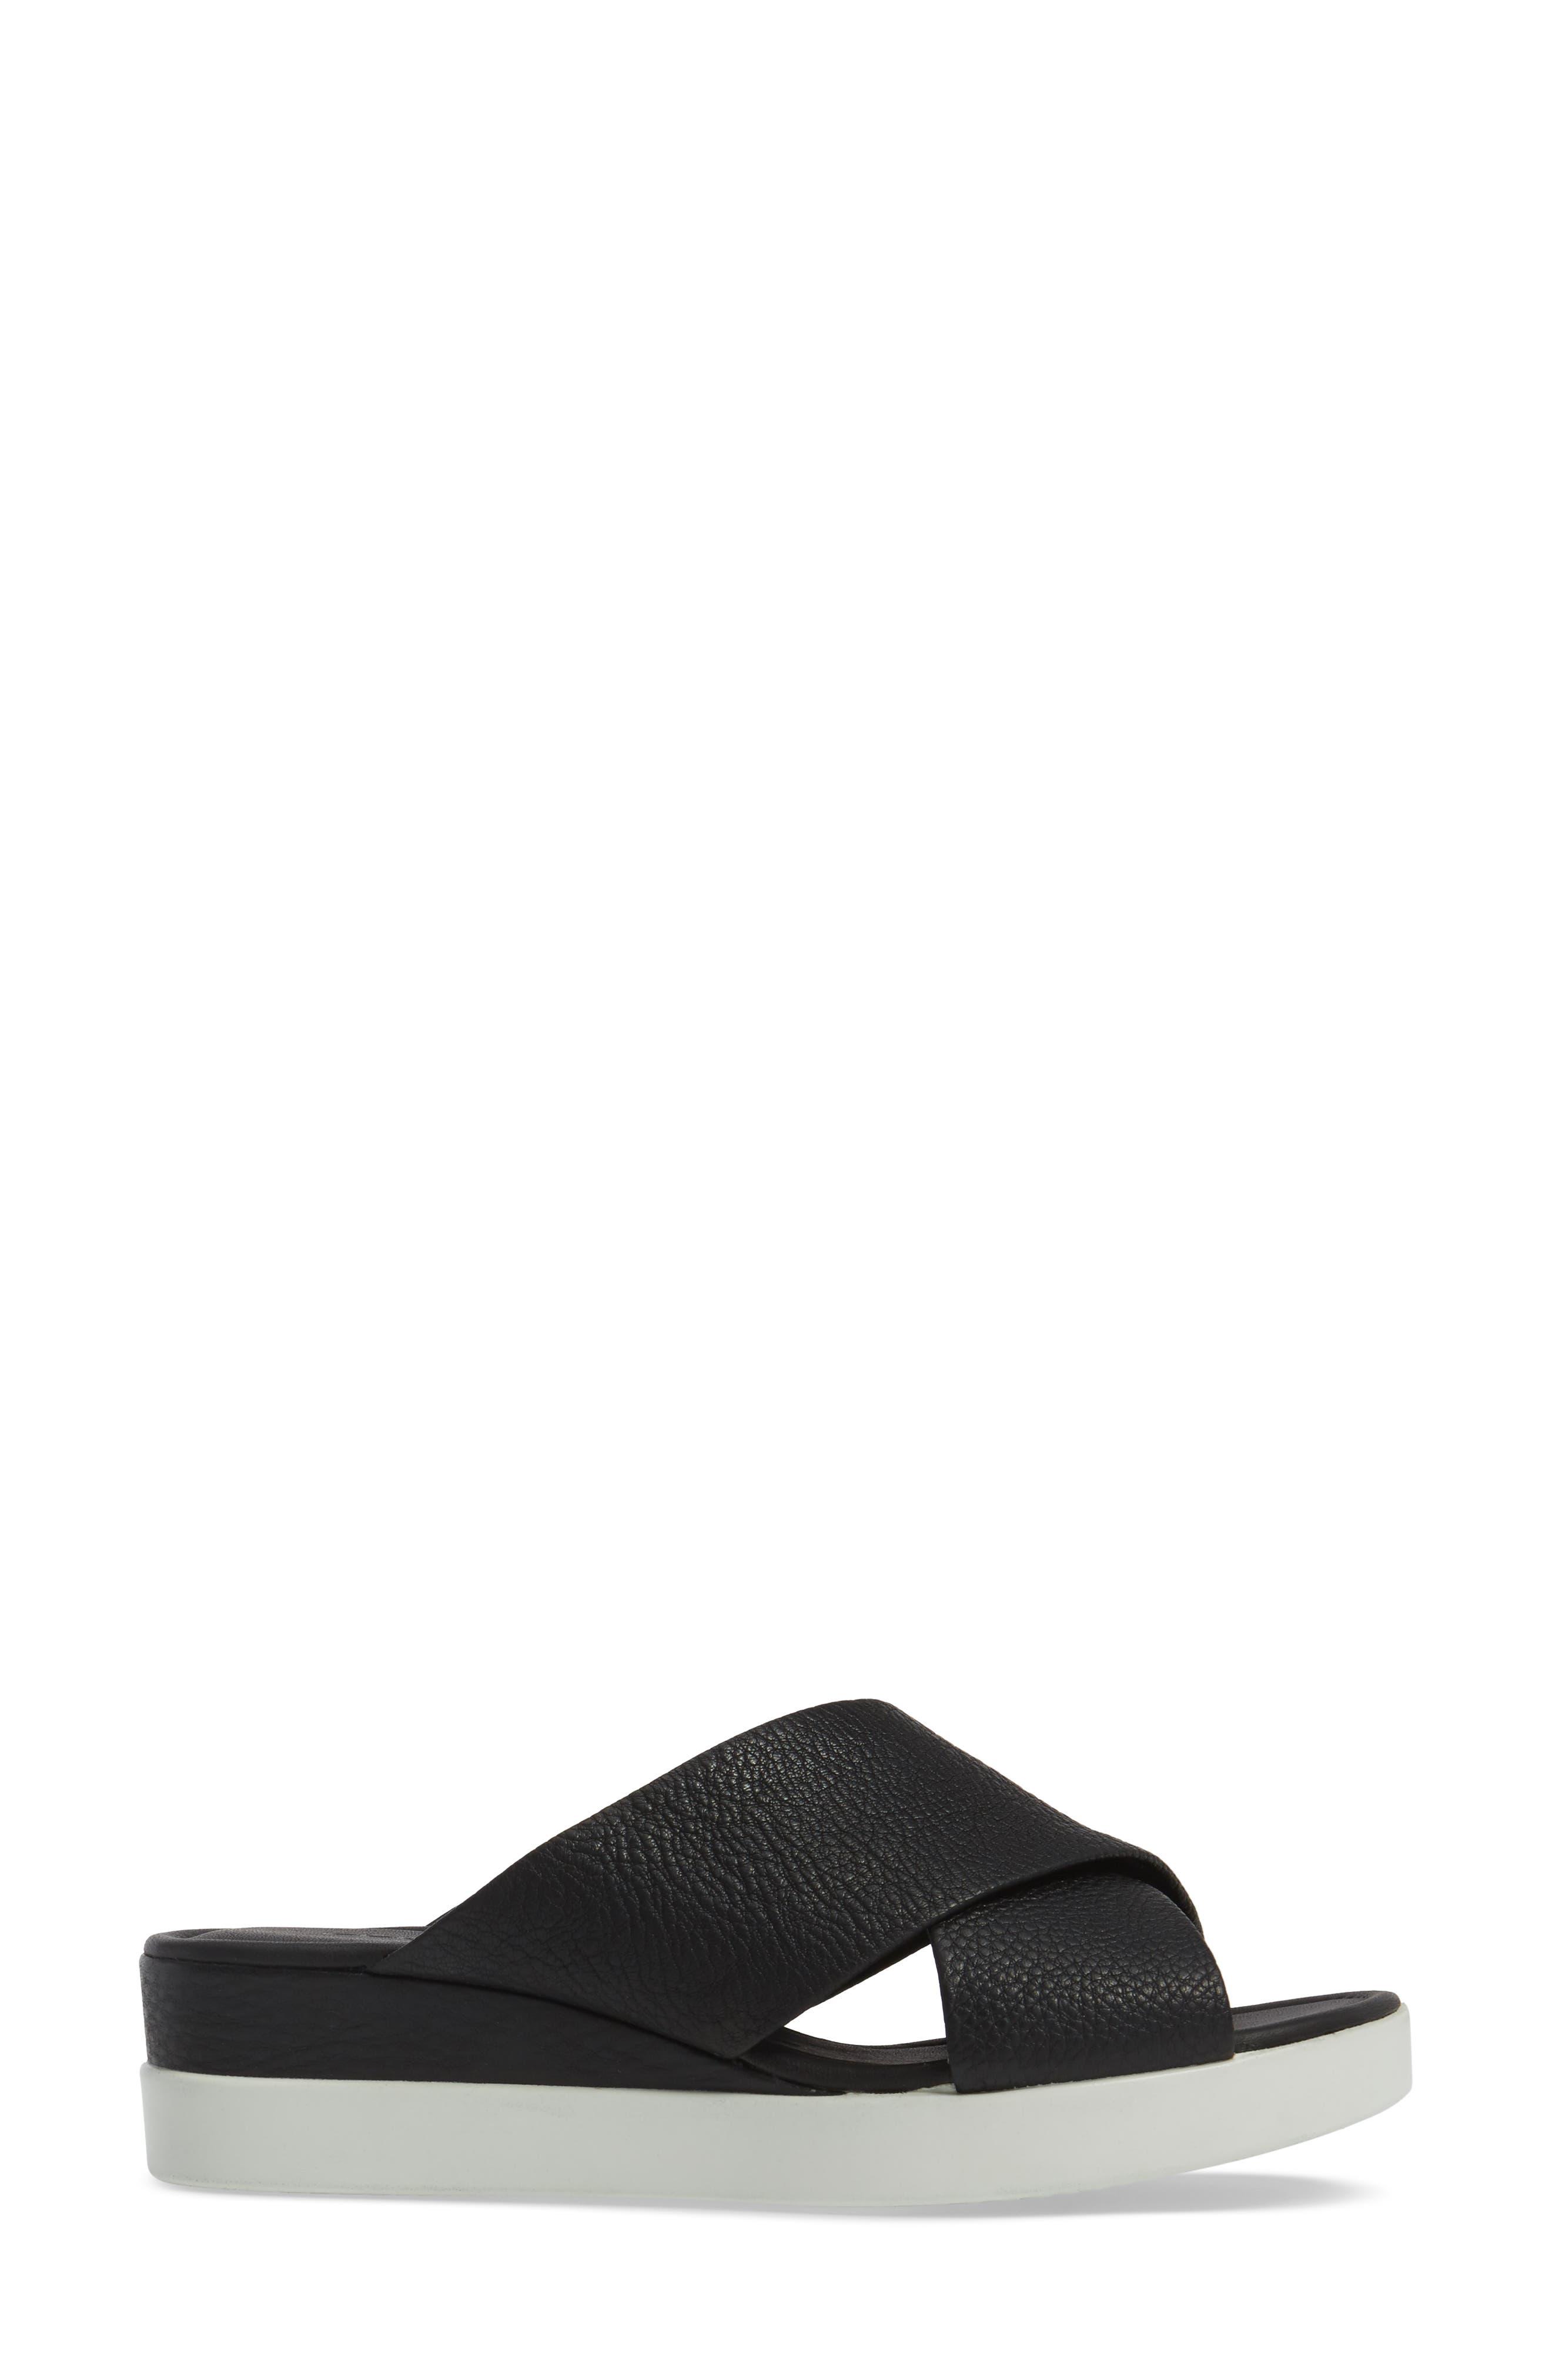 Alternate Image 3  - ECCO Touch Slide Sandal (Women)